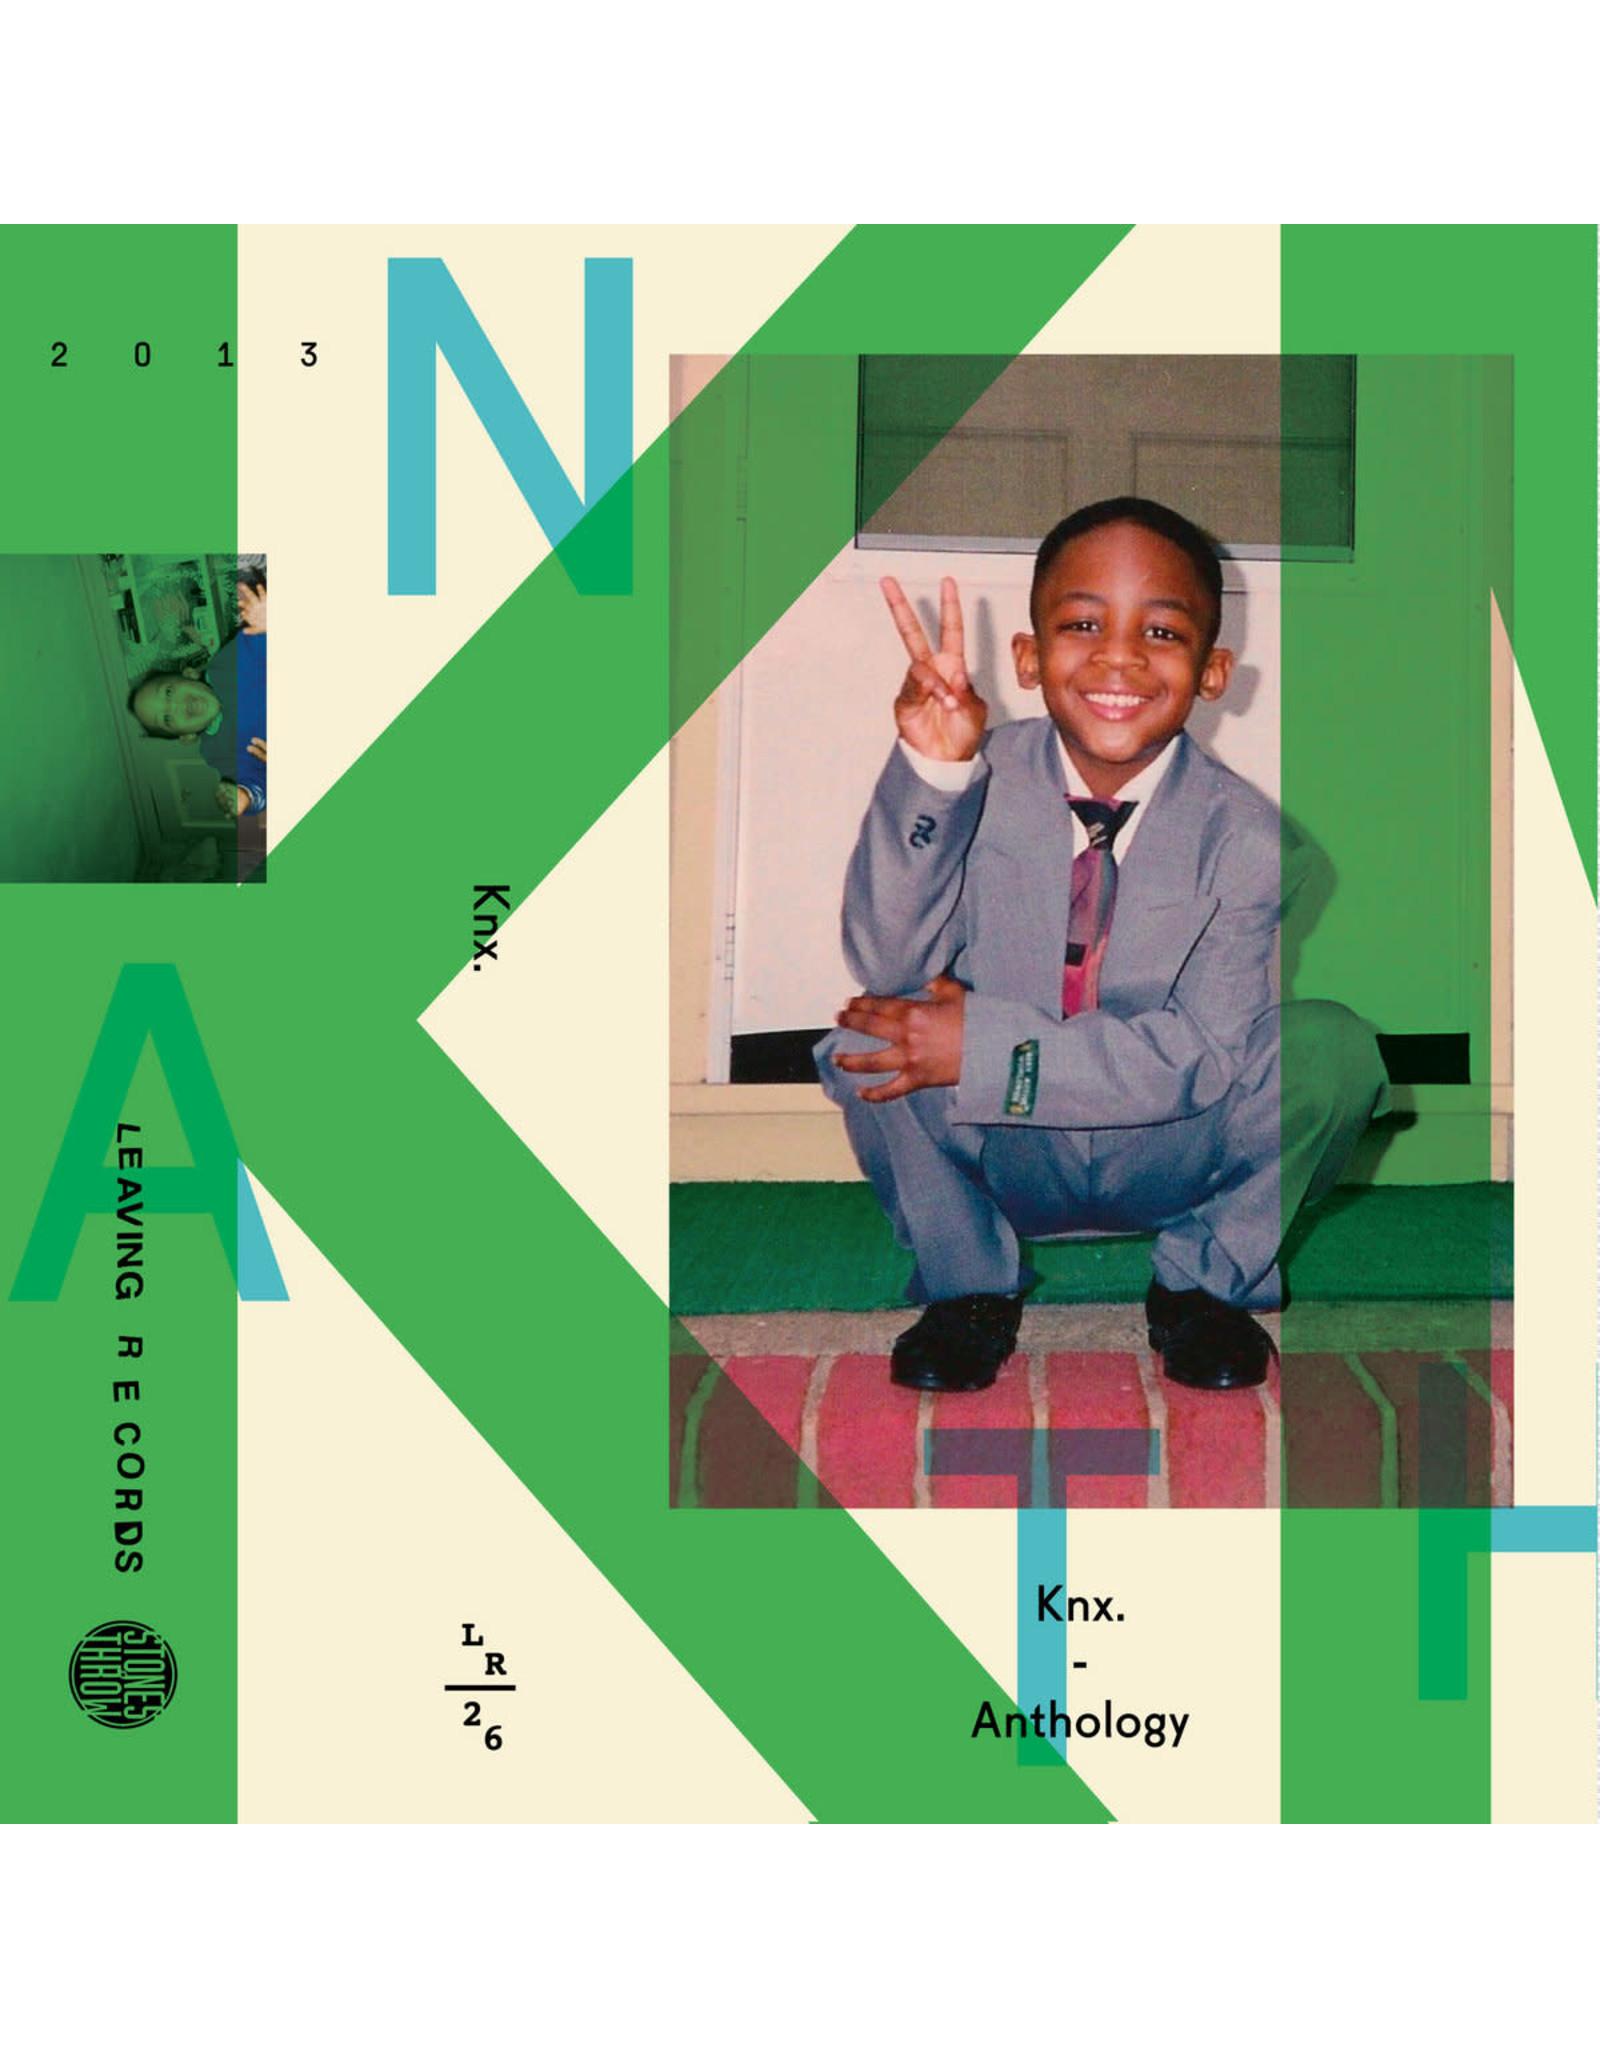 Knxwledge - Anthology: 2008 - 2013